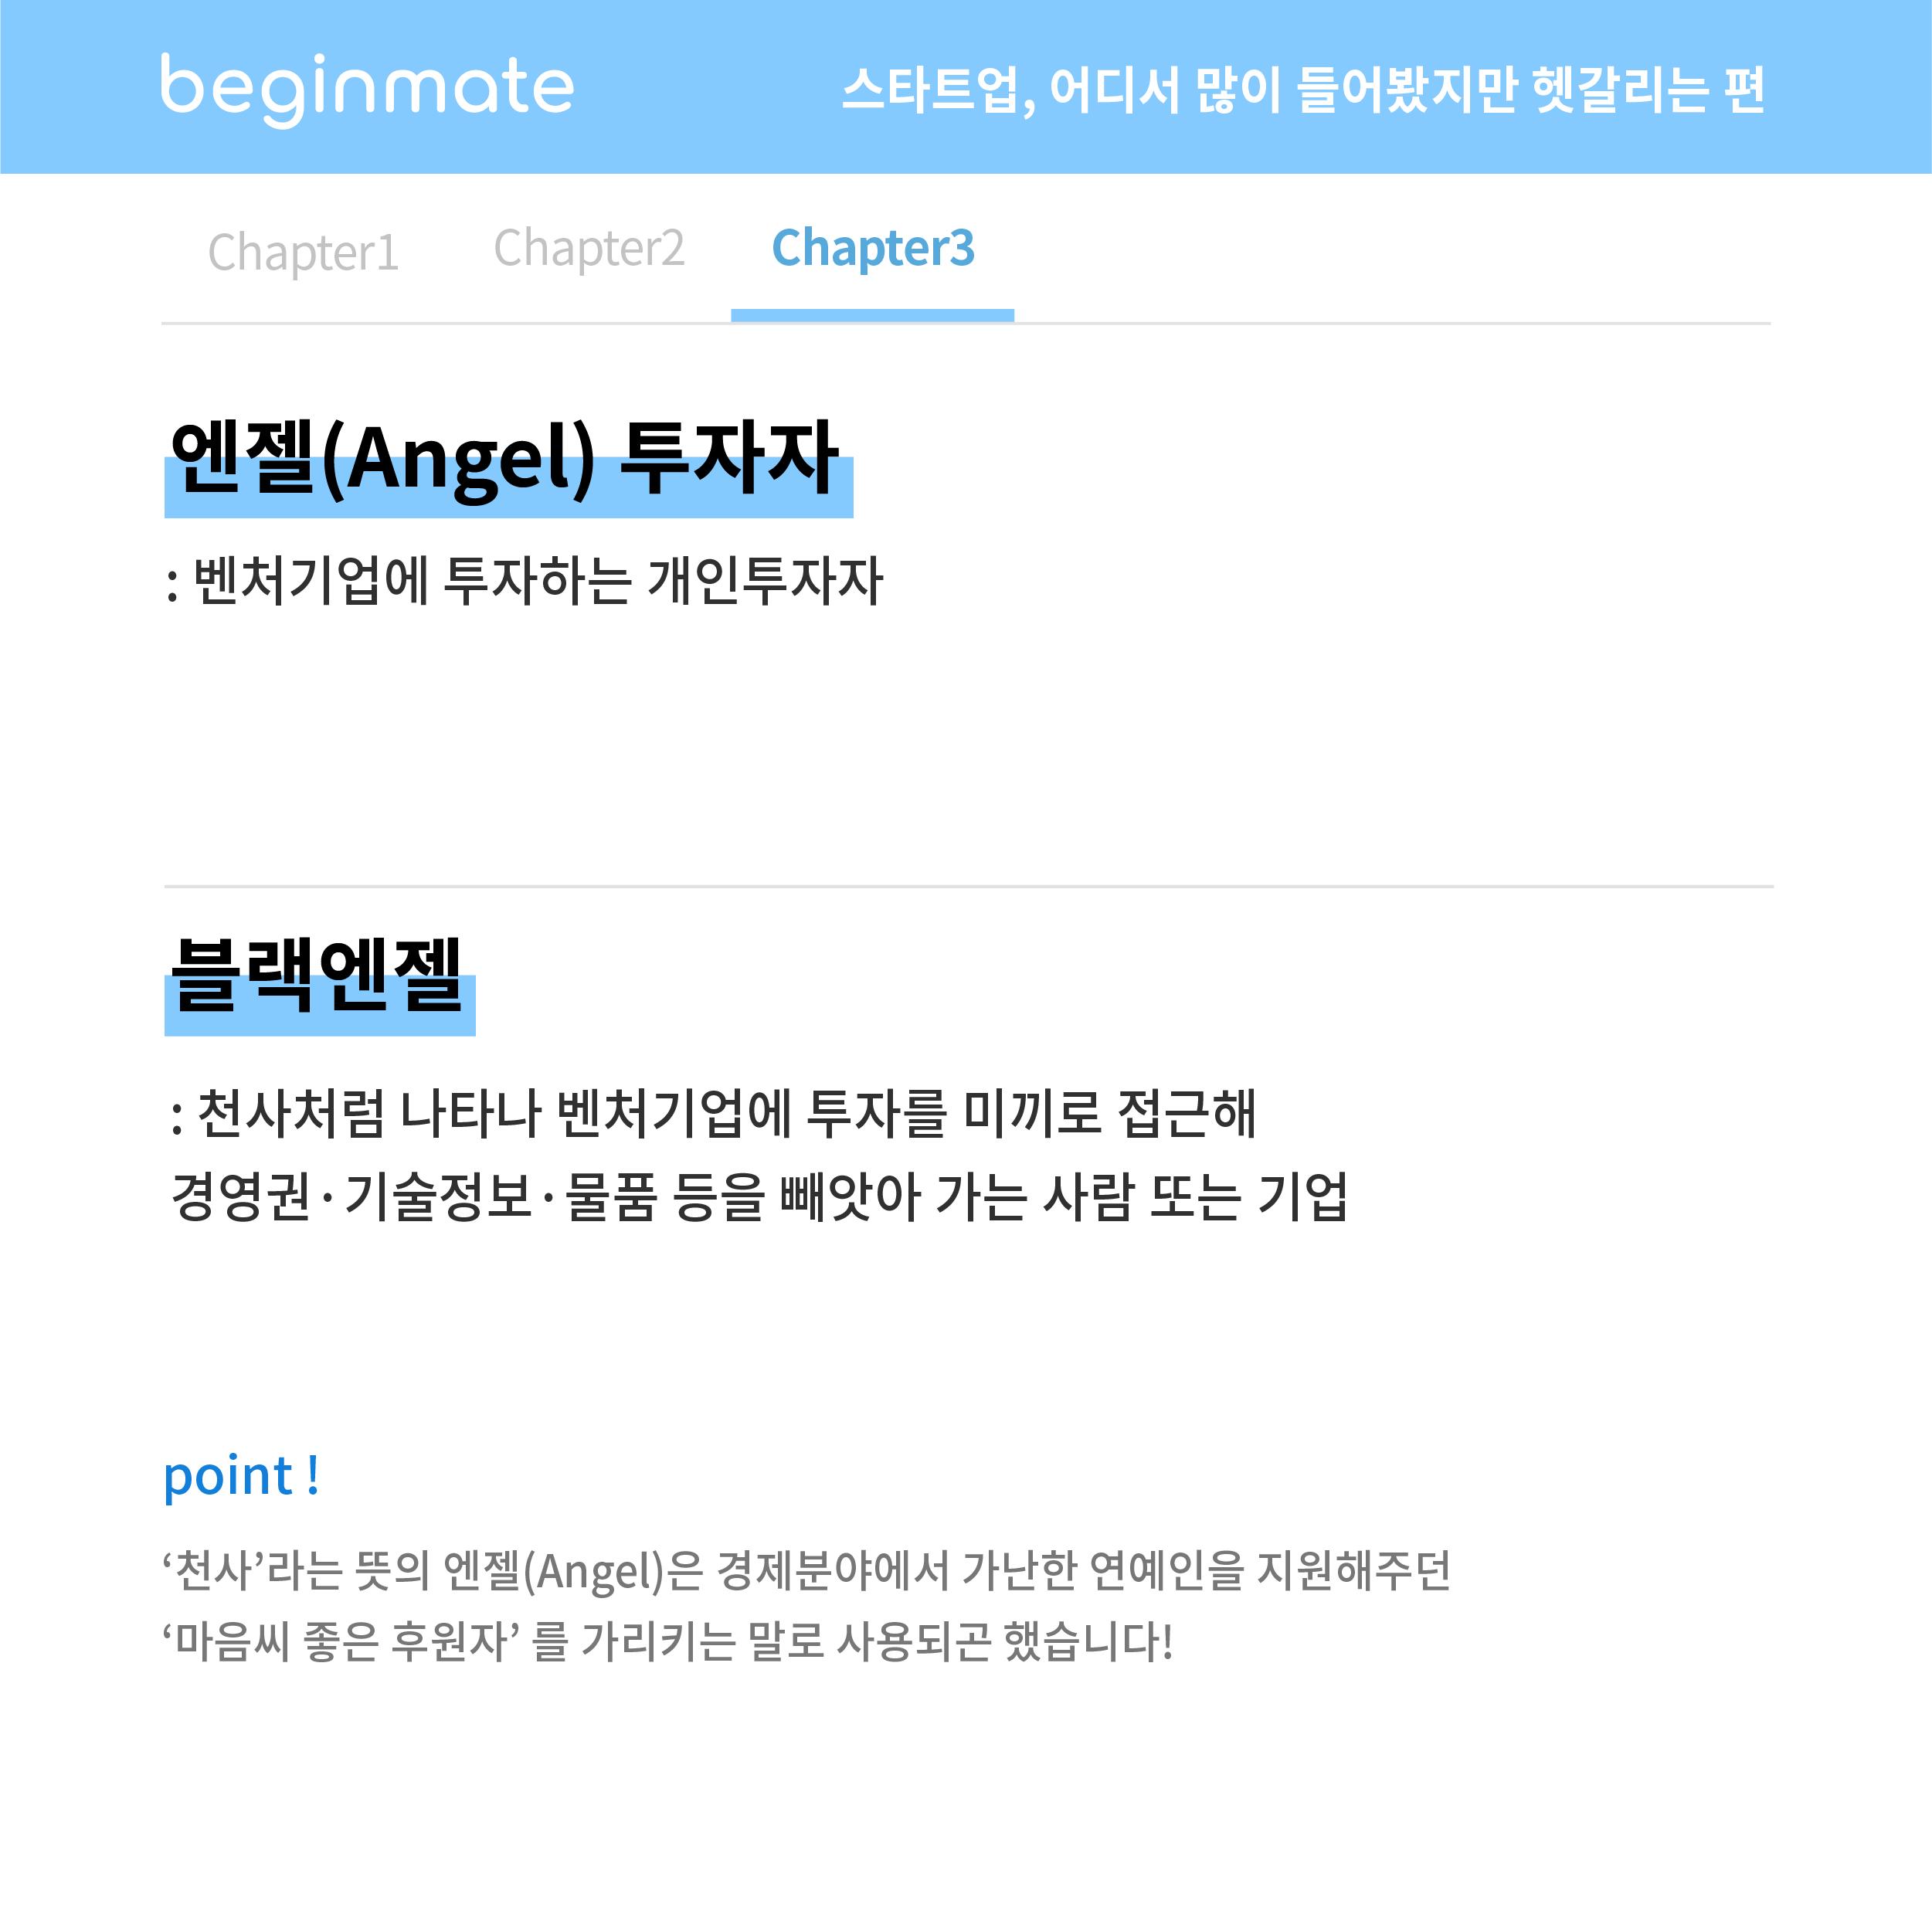 비긴메이트 스타트업 용어 사전 07